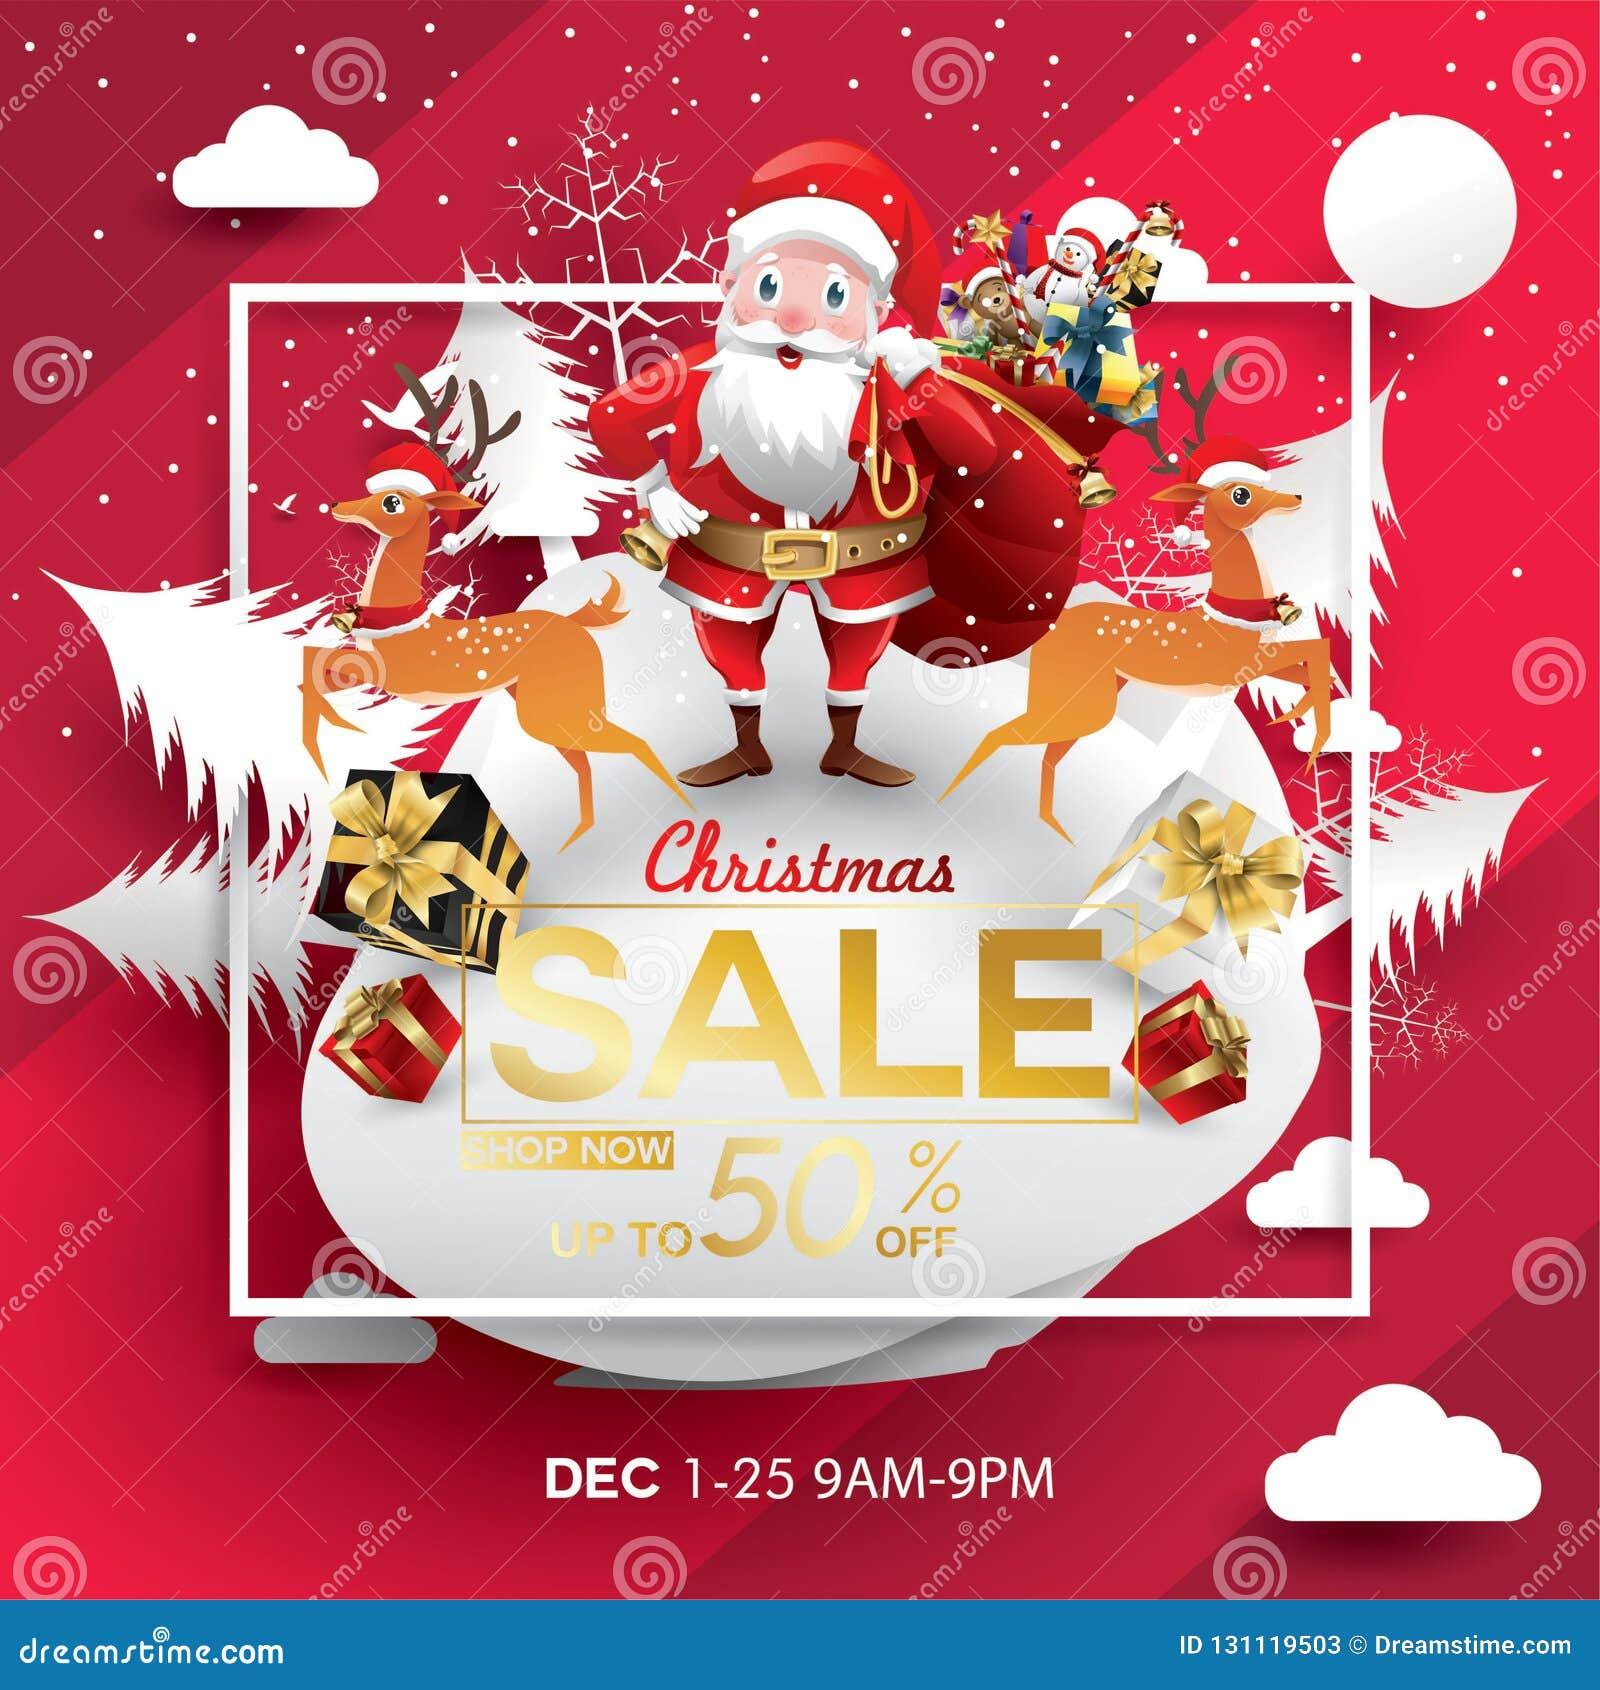 Plantilla del diseño de la estación de la venta de la Navidad arte de papel y estilo digital del arte tarjeta de felicitación del